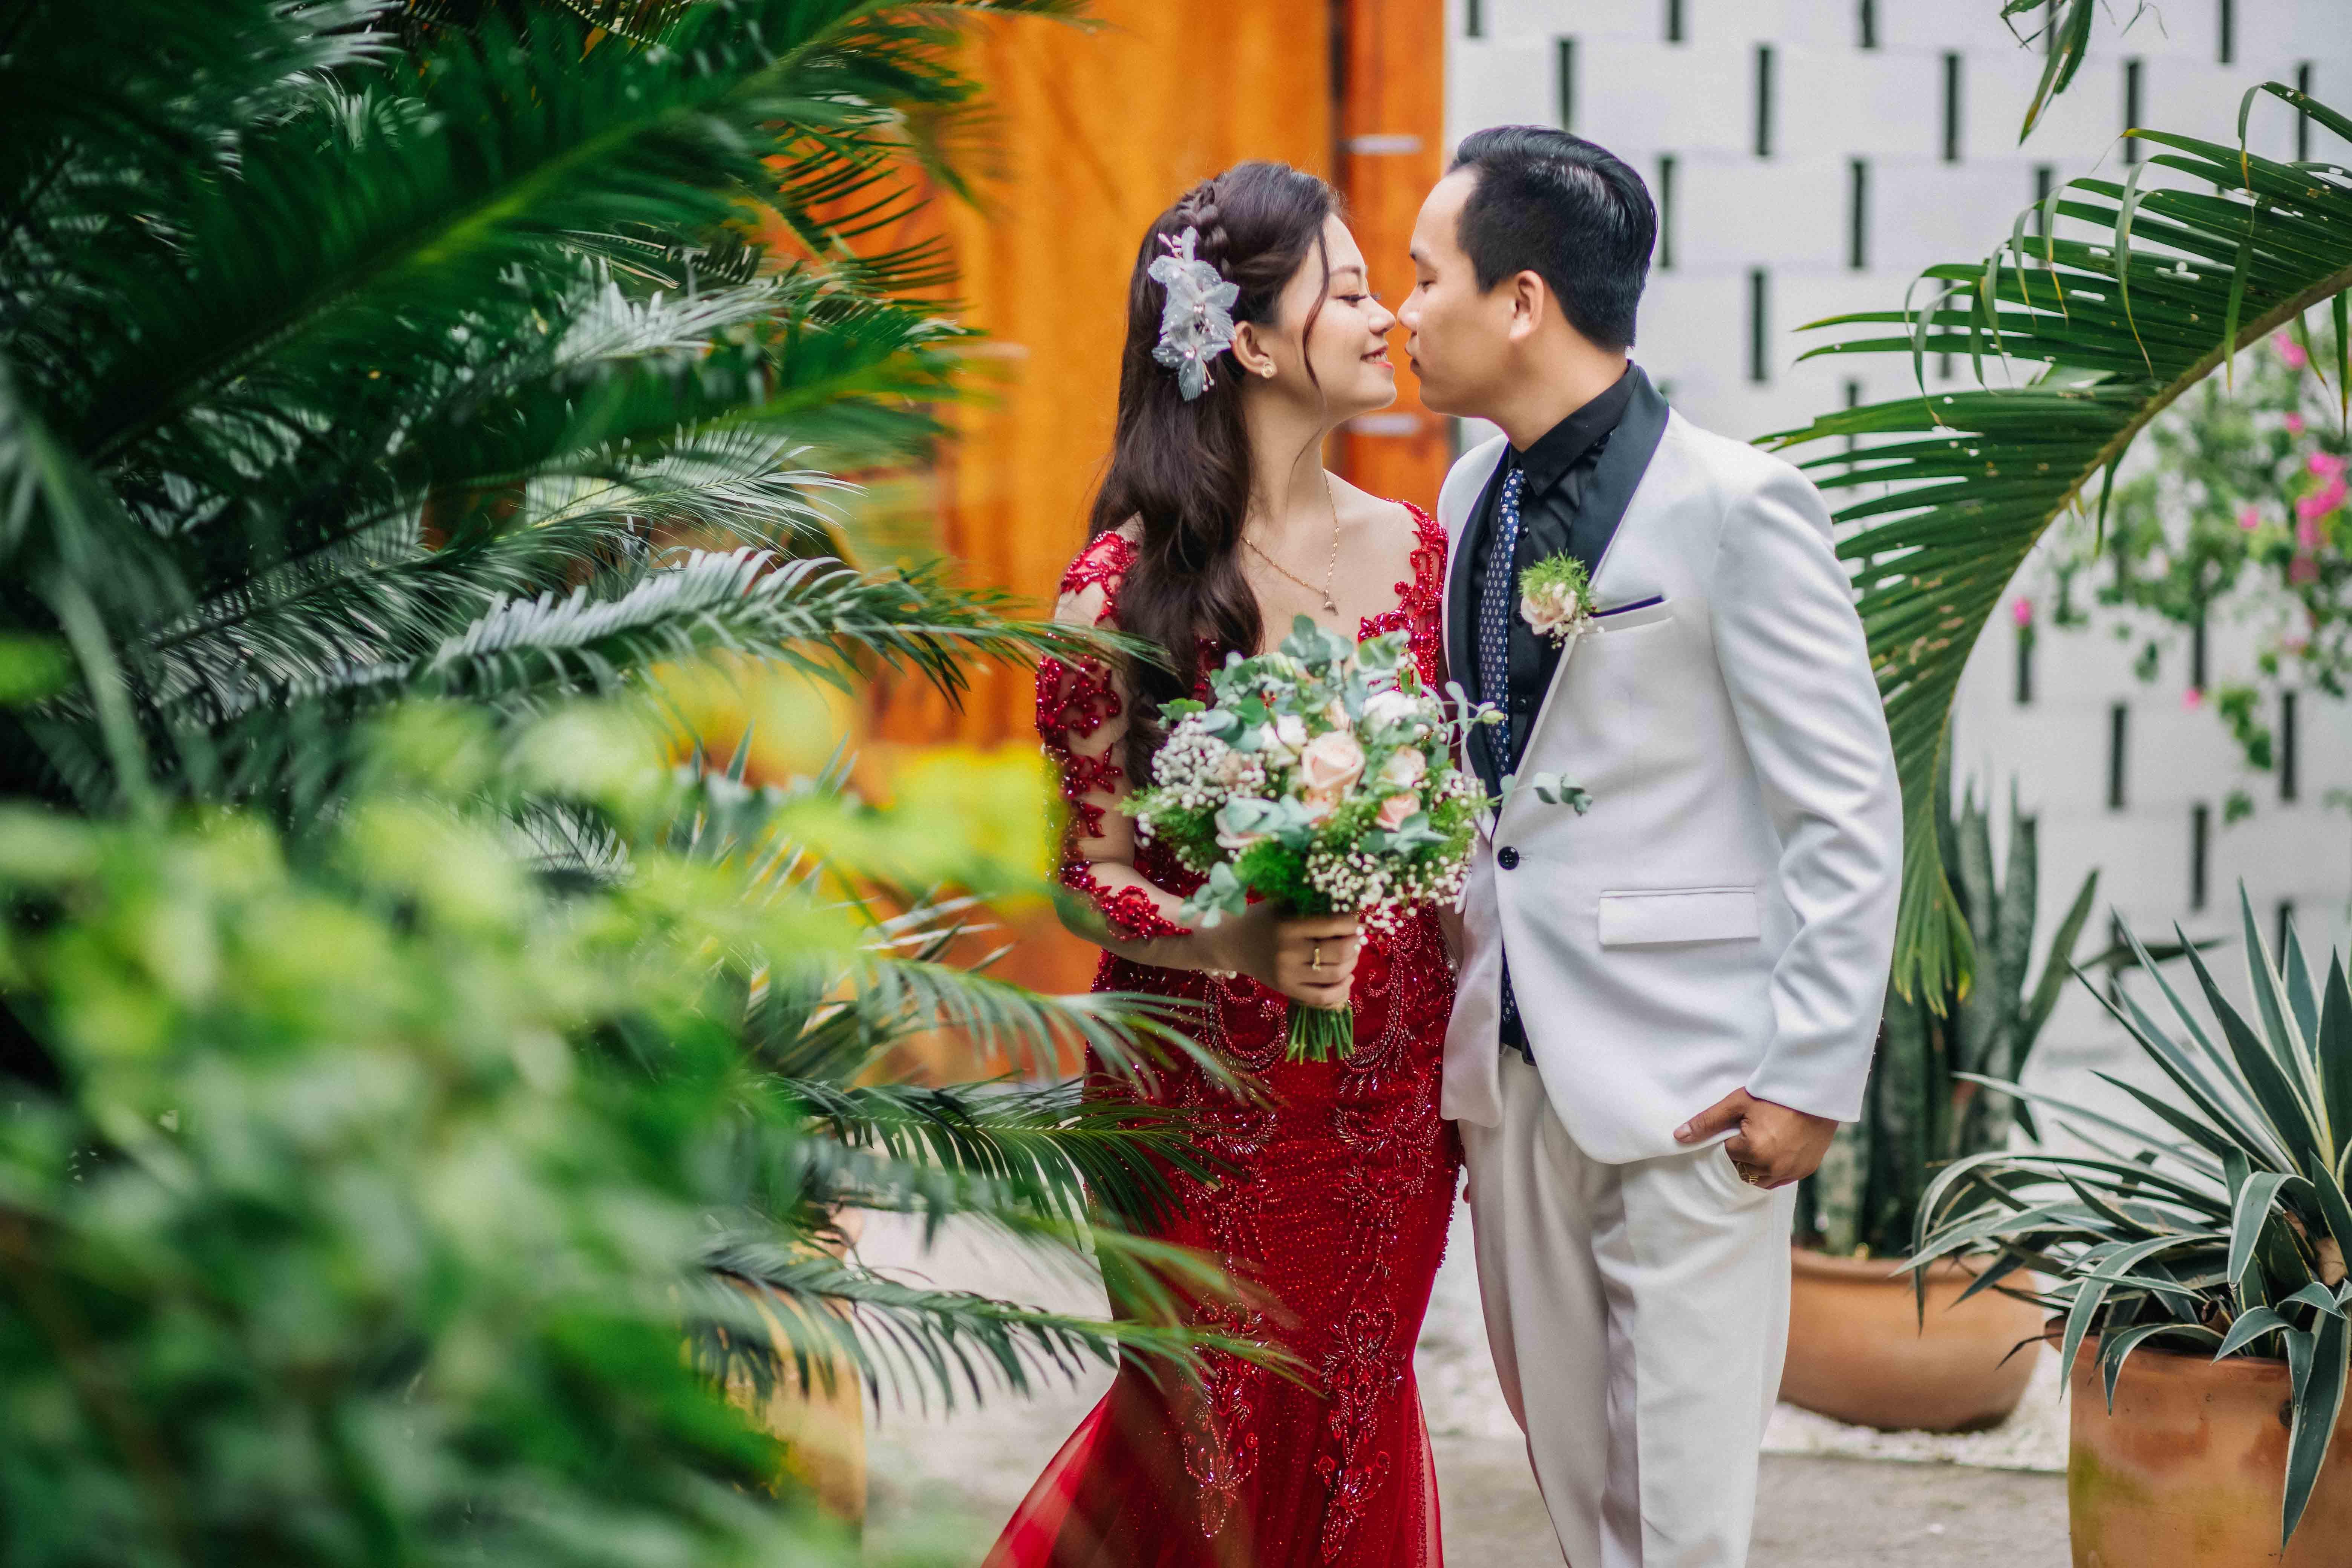 Xếp hạng 8 Studio chụp ảnh cưới đẹp và chất lượng nhất quận 8, TP. HCM -  Khanh Do Bridal Studio